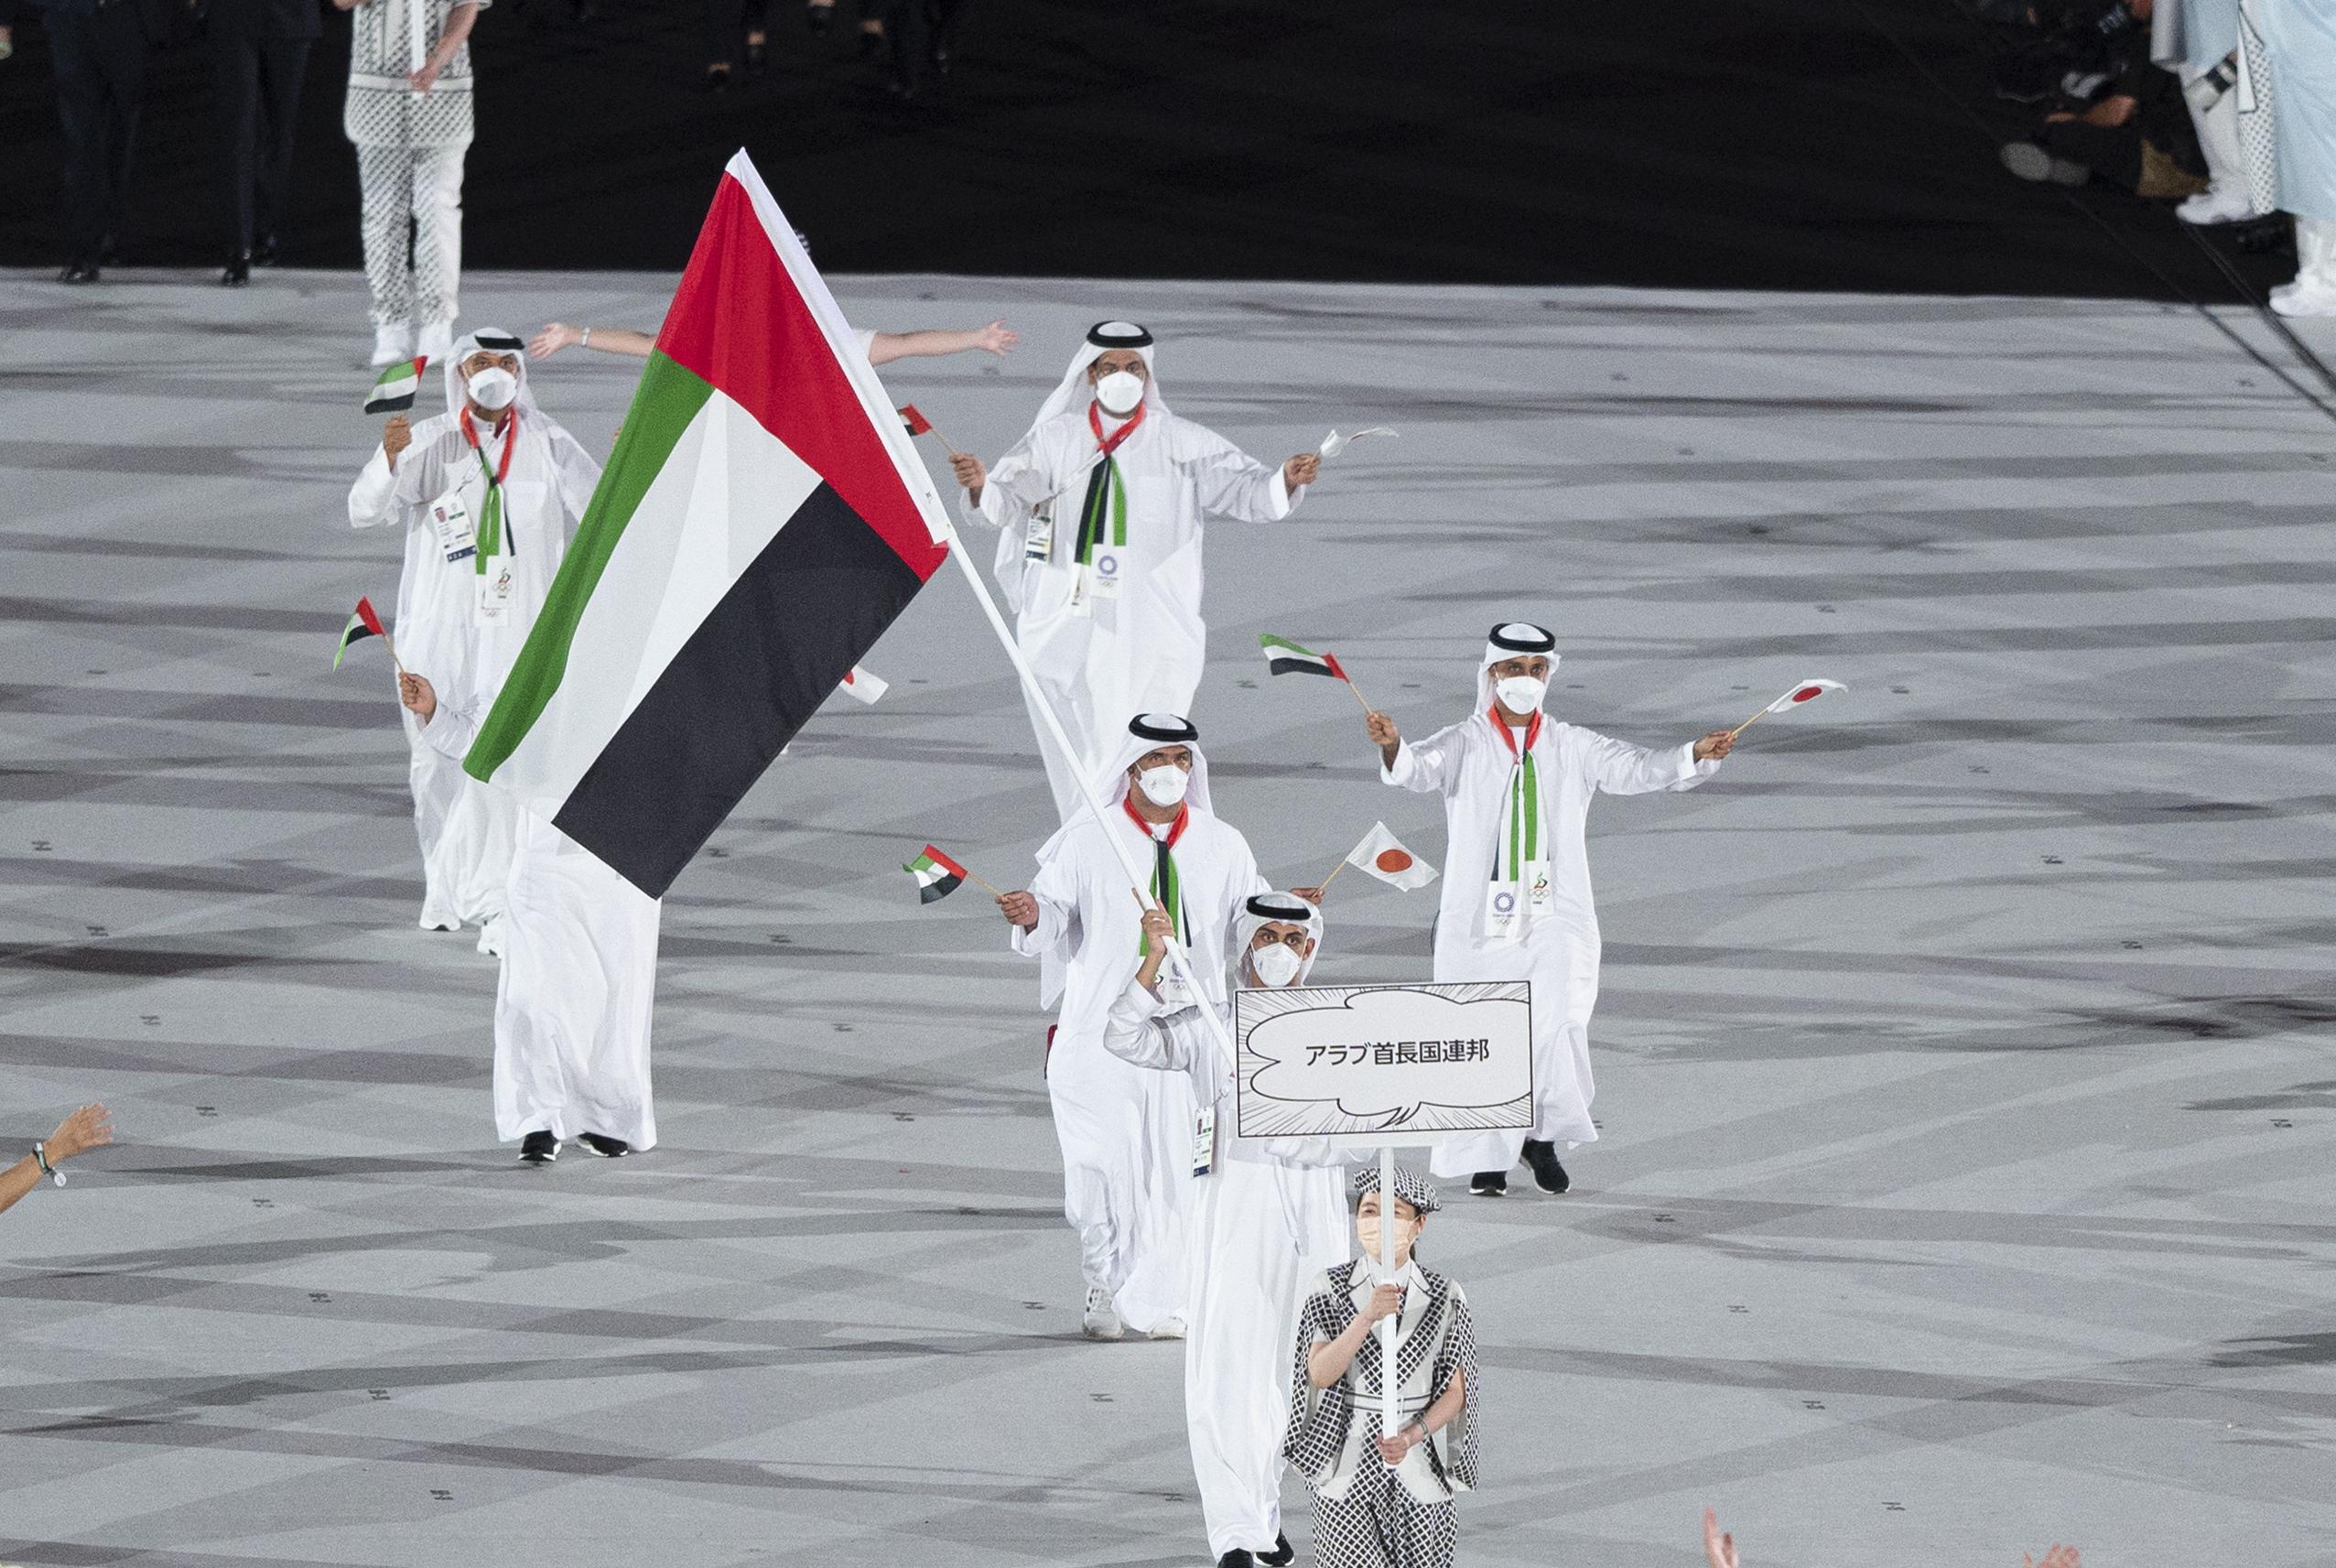 صورة المطروشي يحمل علم الإمارات في حفل افتتاح أولمبياد طوكيو (صور) – رياضة – محلية